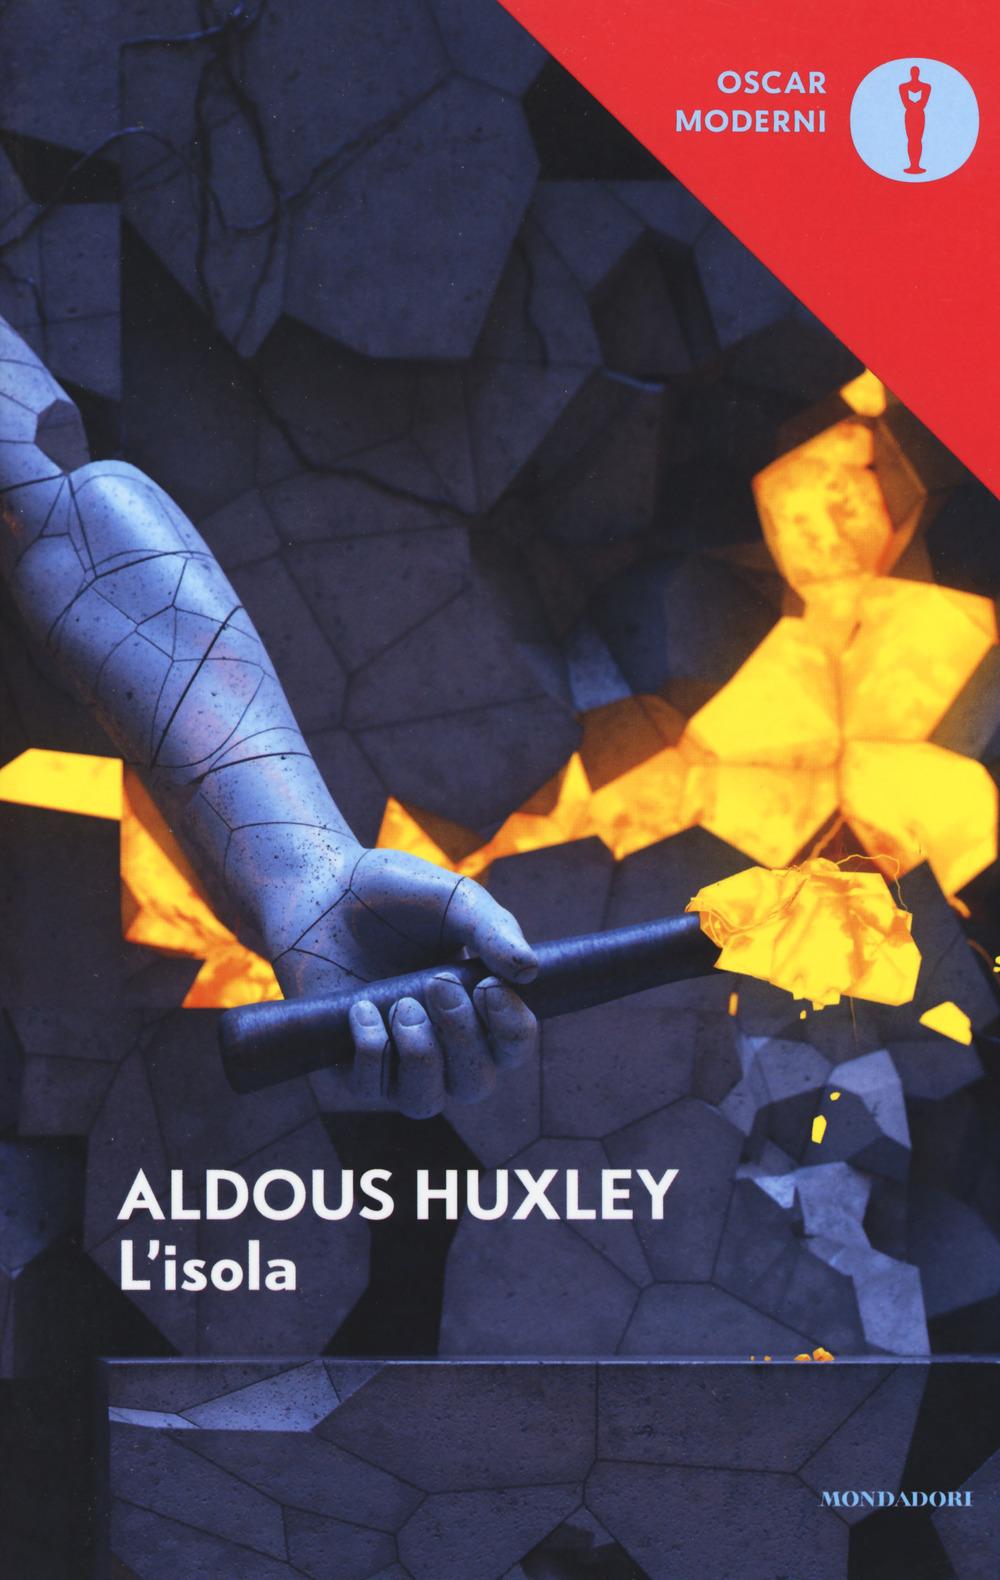 L'isola – Aldous Huxley